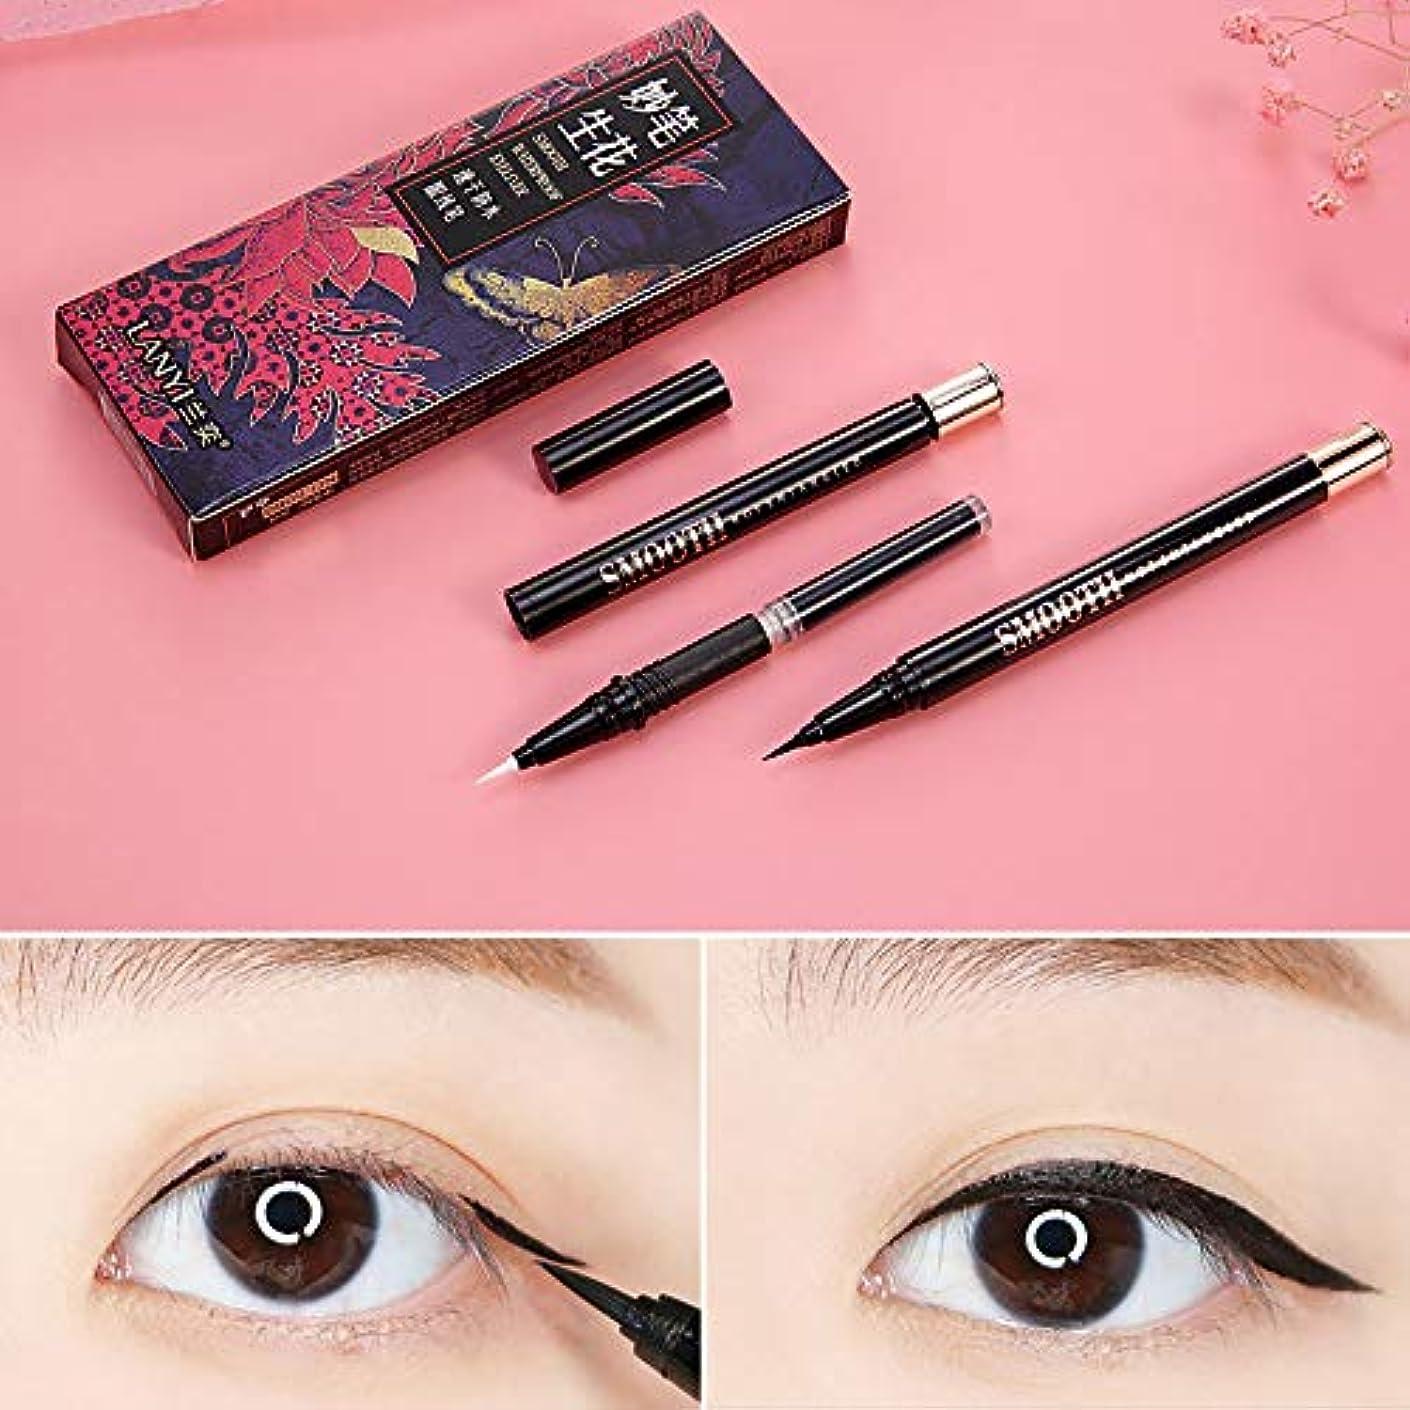 次へ奇跡アスレチック美容ブラック防水アイライナーリキッドアイライナーペン鉛筆メイク化粧品新しい